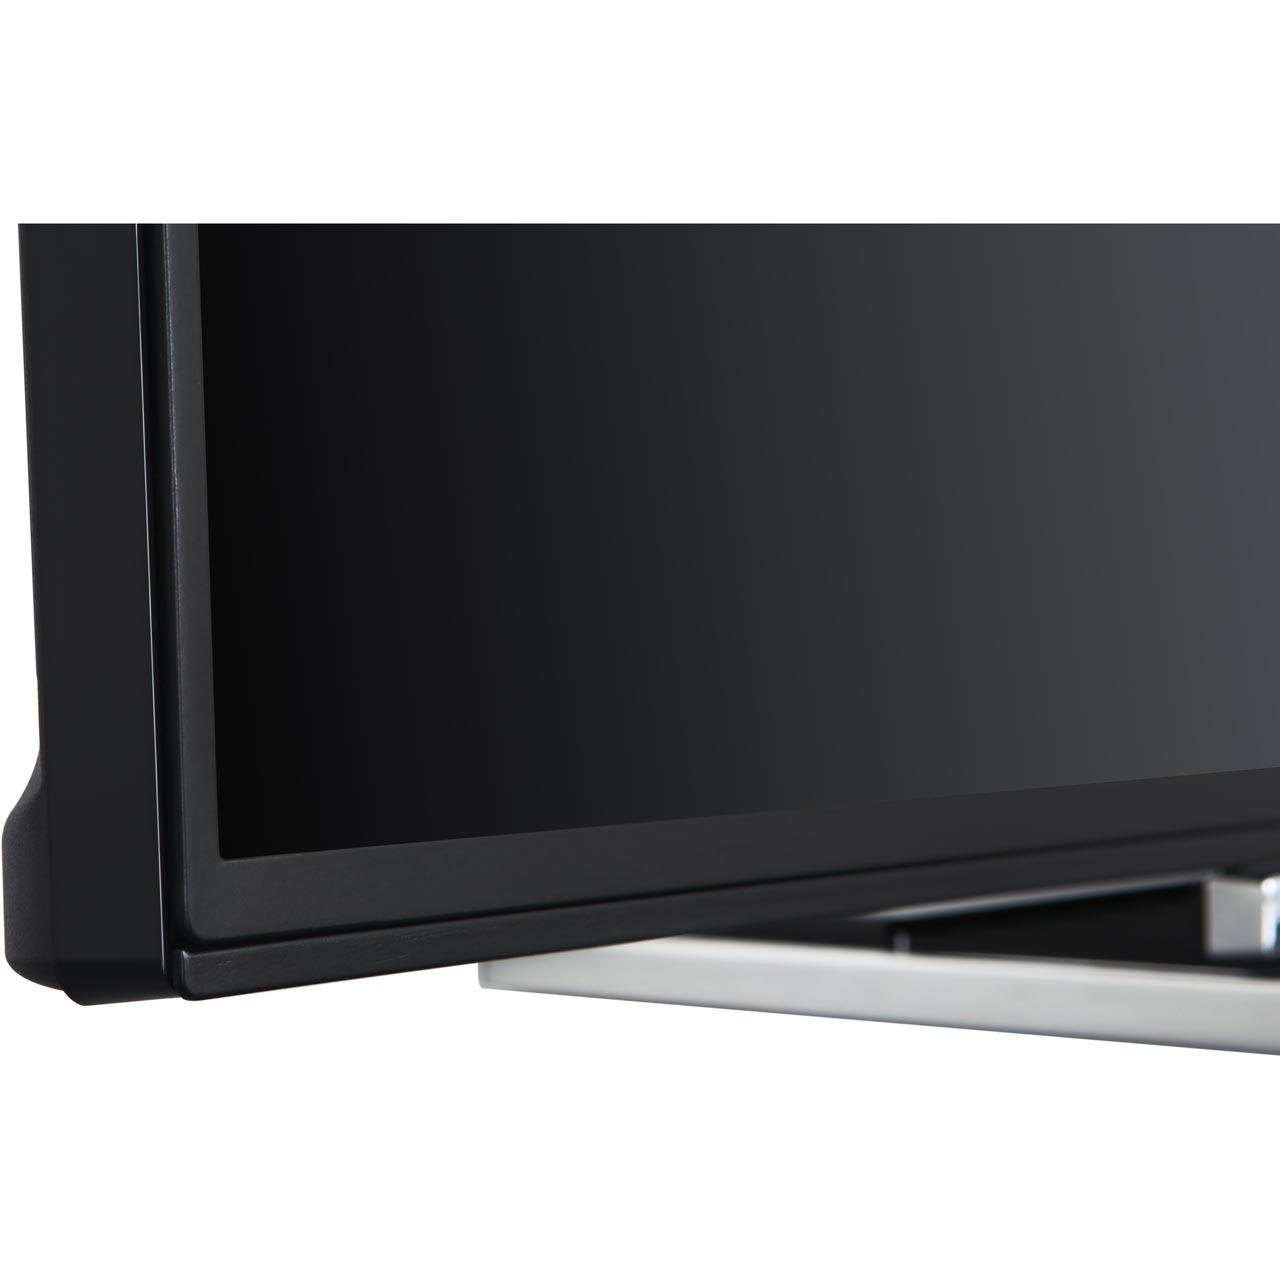 toshiba flat screen tv manual